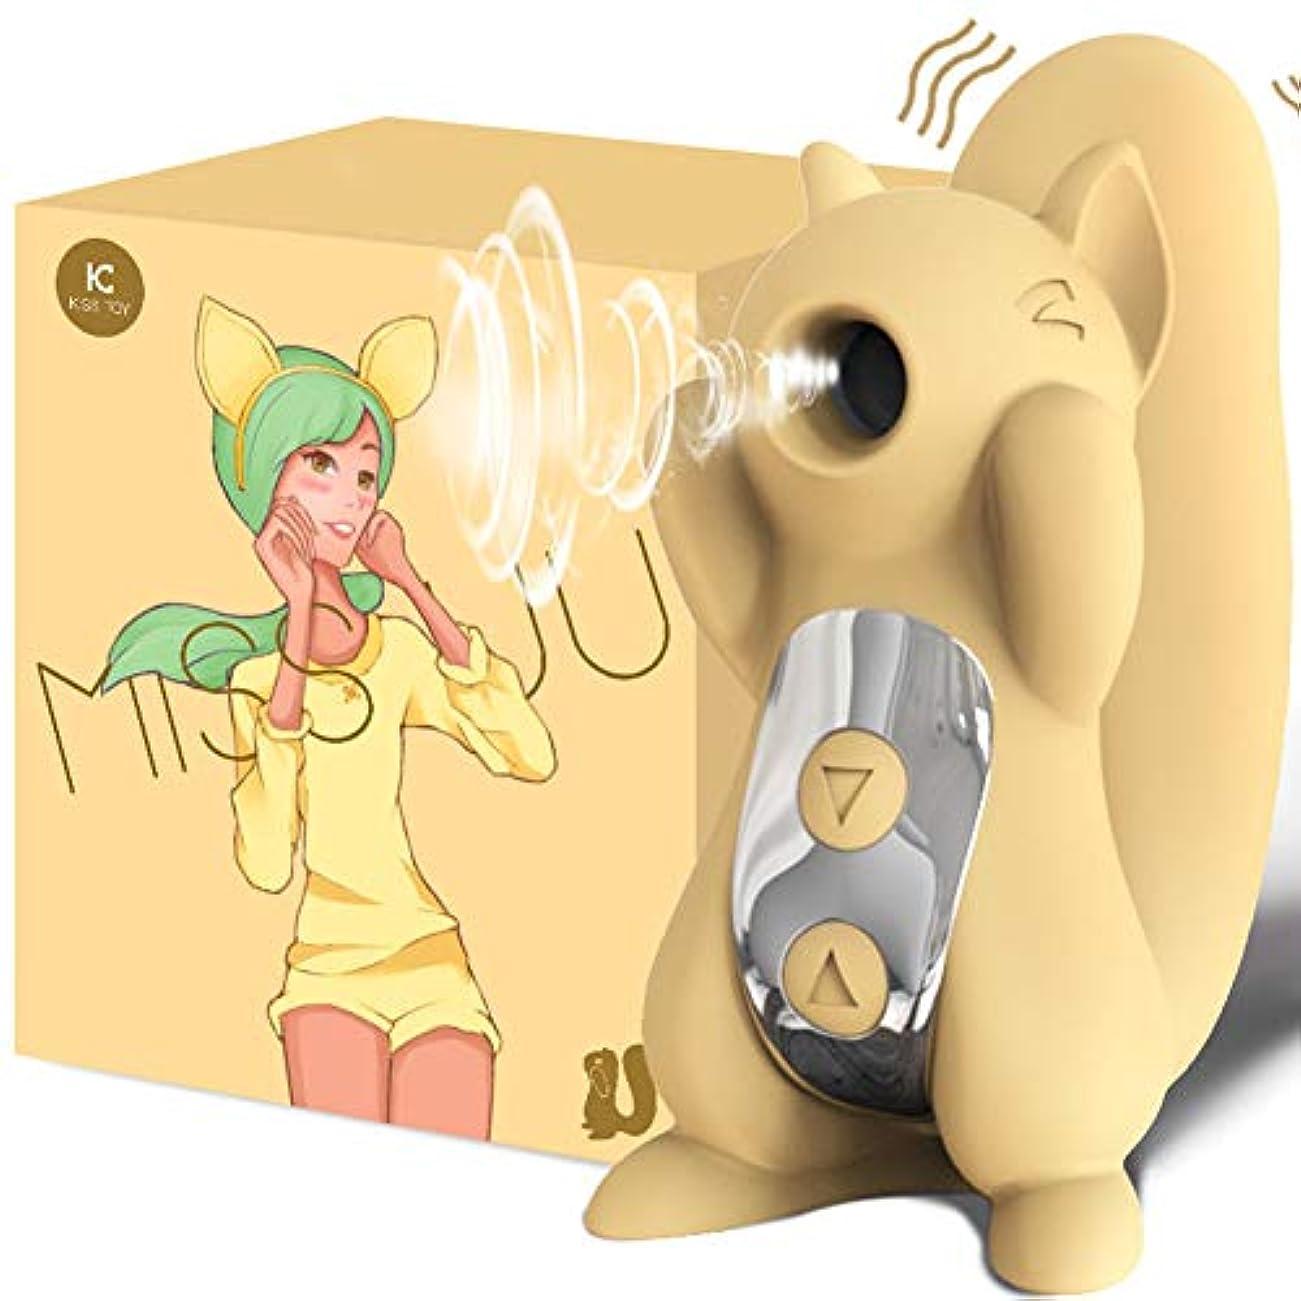 六分儀まぶしさ浮くRabugoo 大人のおもちゃ 漫画形状膣吸引バイブレーターオーラルセックス吸引クリトリス刺激女性エロティックおもちゃ 黄